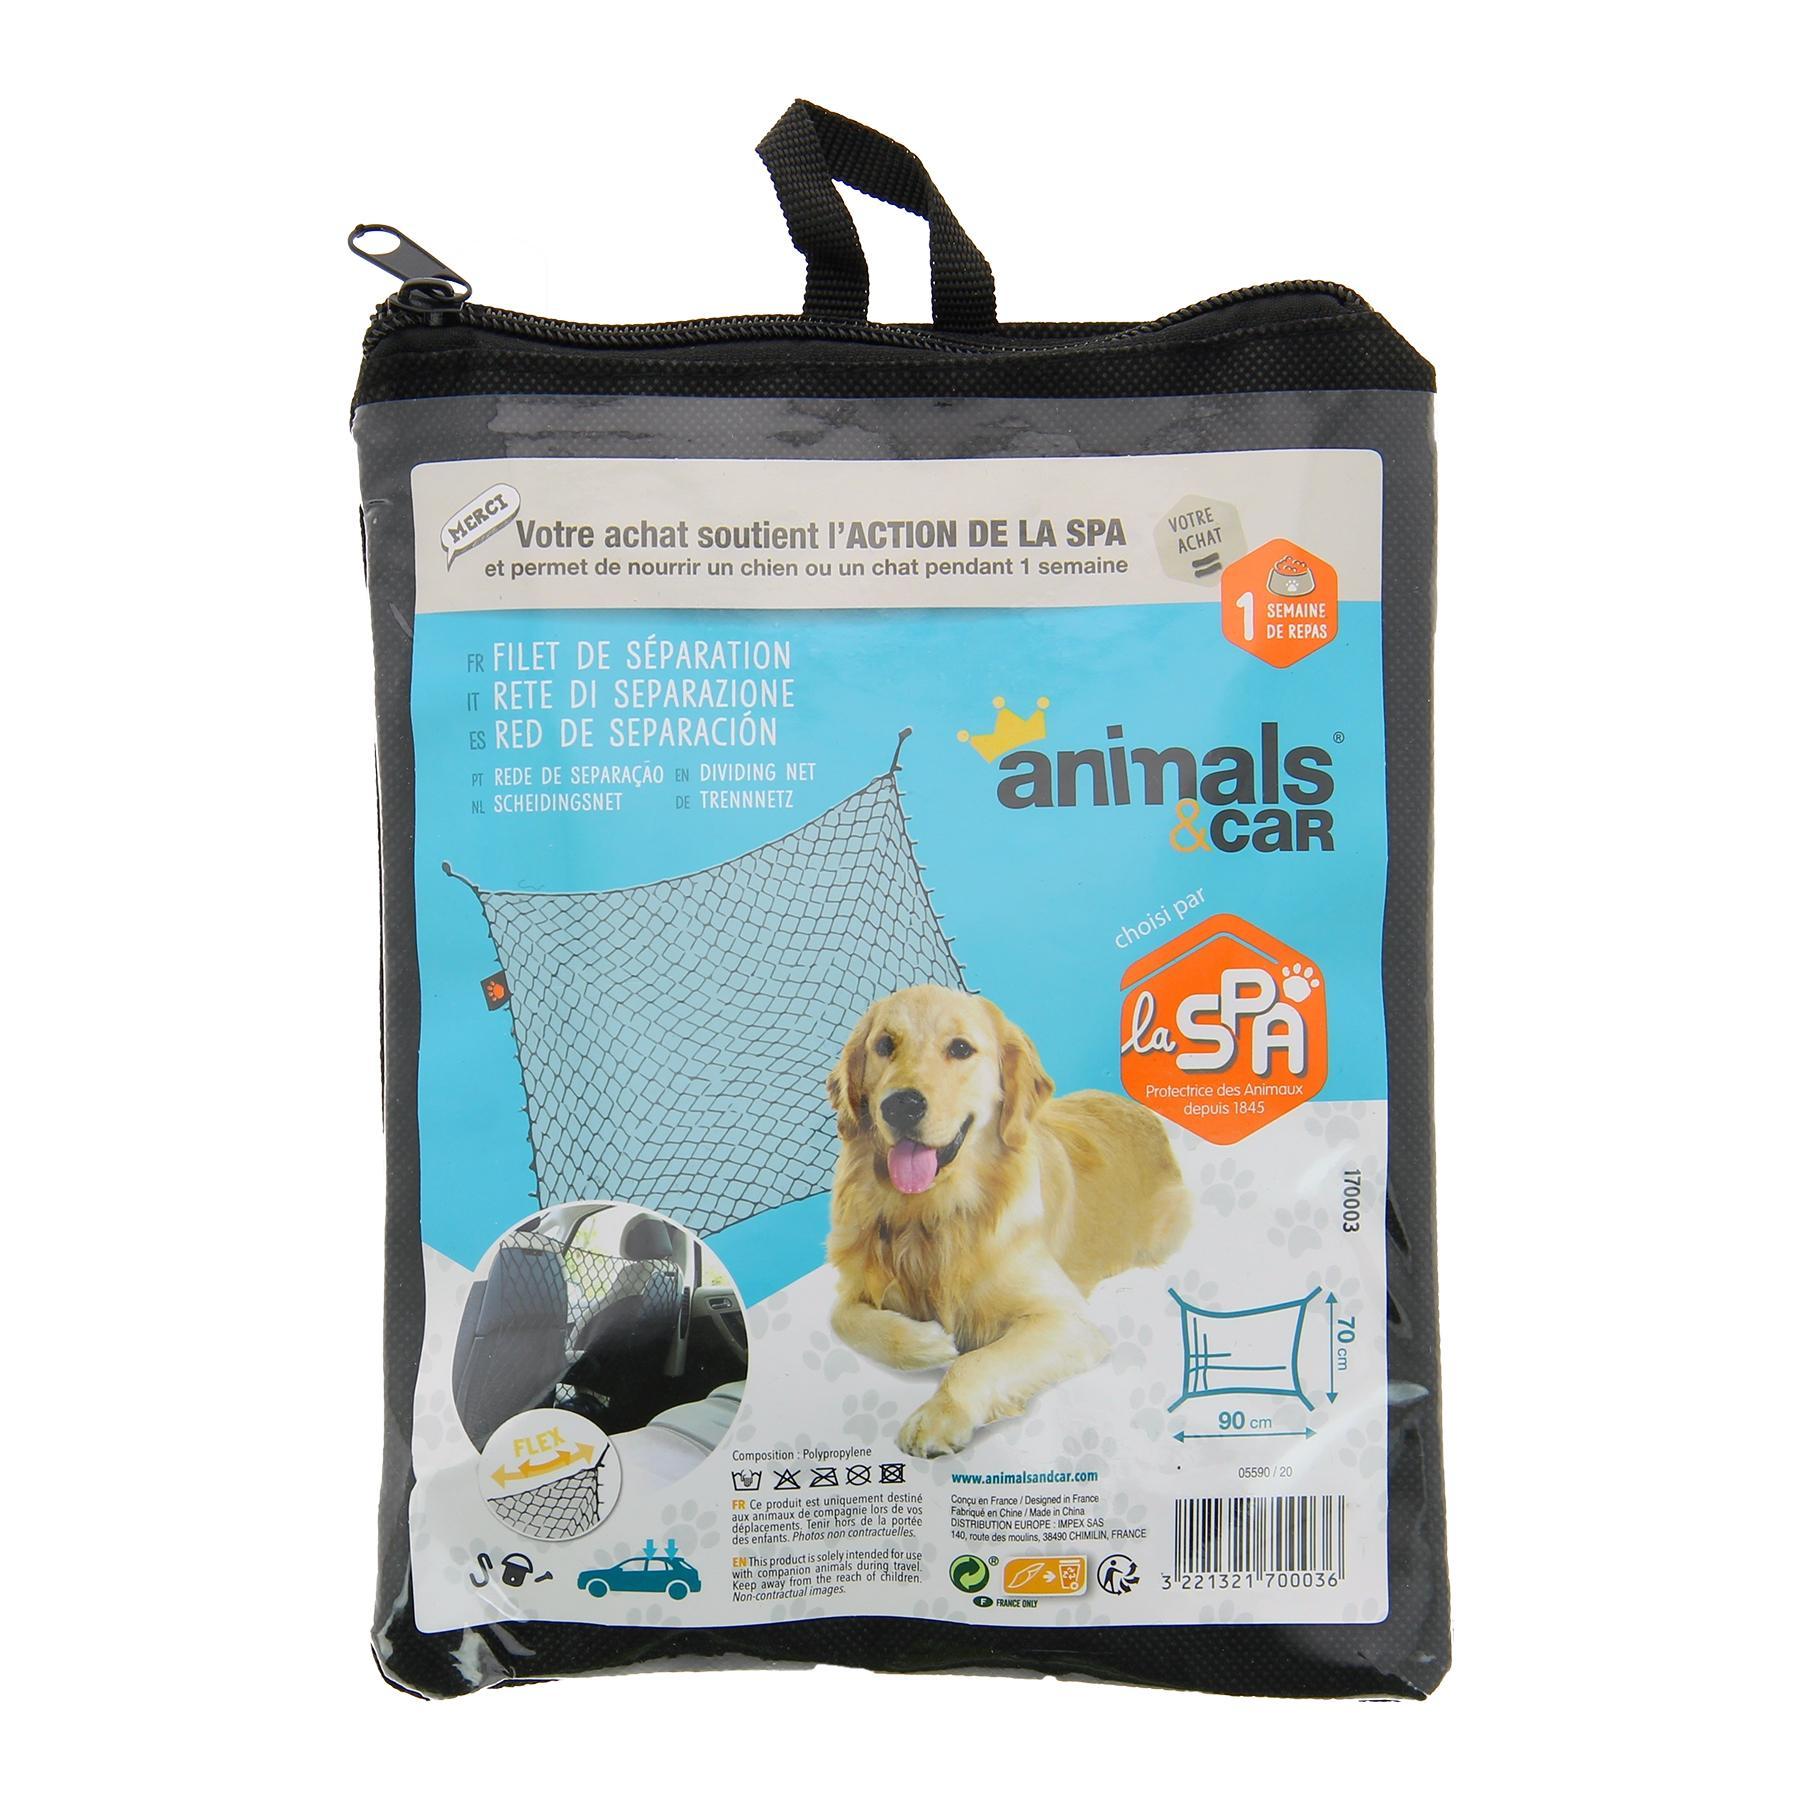 Filet de coffre pour chien animals&car 170003 connaissances d'experts